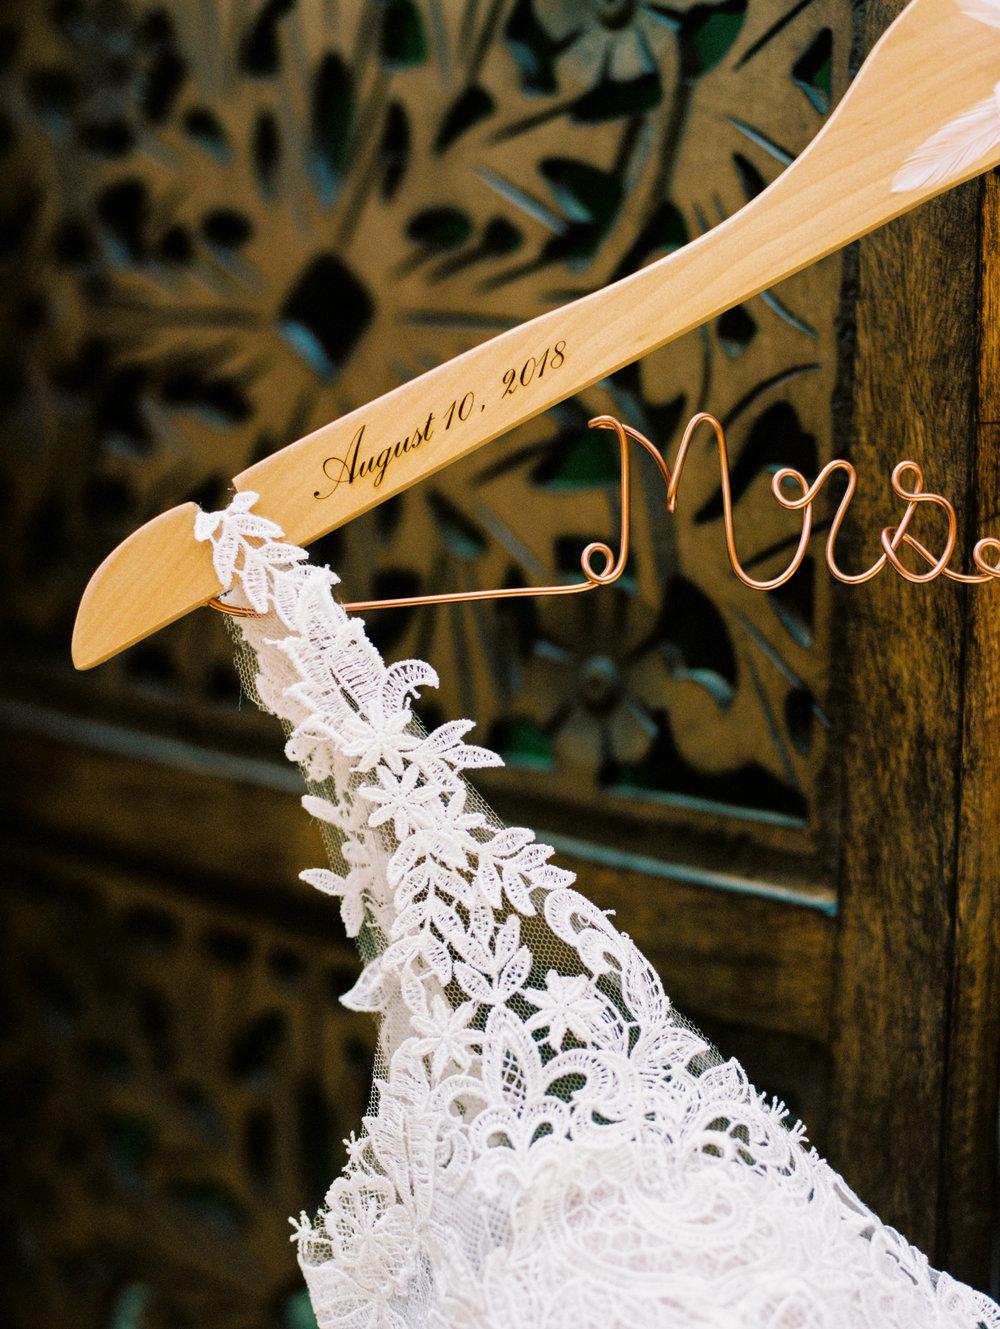 dennisroycoronel_ashleyanthony_vanessahudgens_austinbutler_wedding_losangeles_photographer-5.jpg